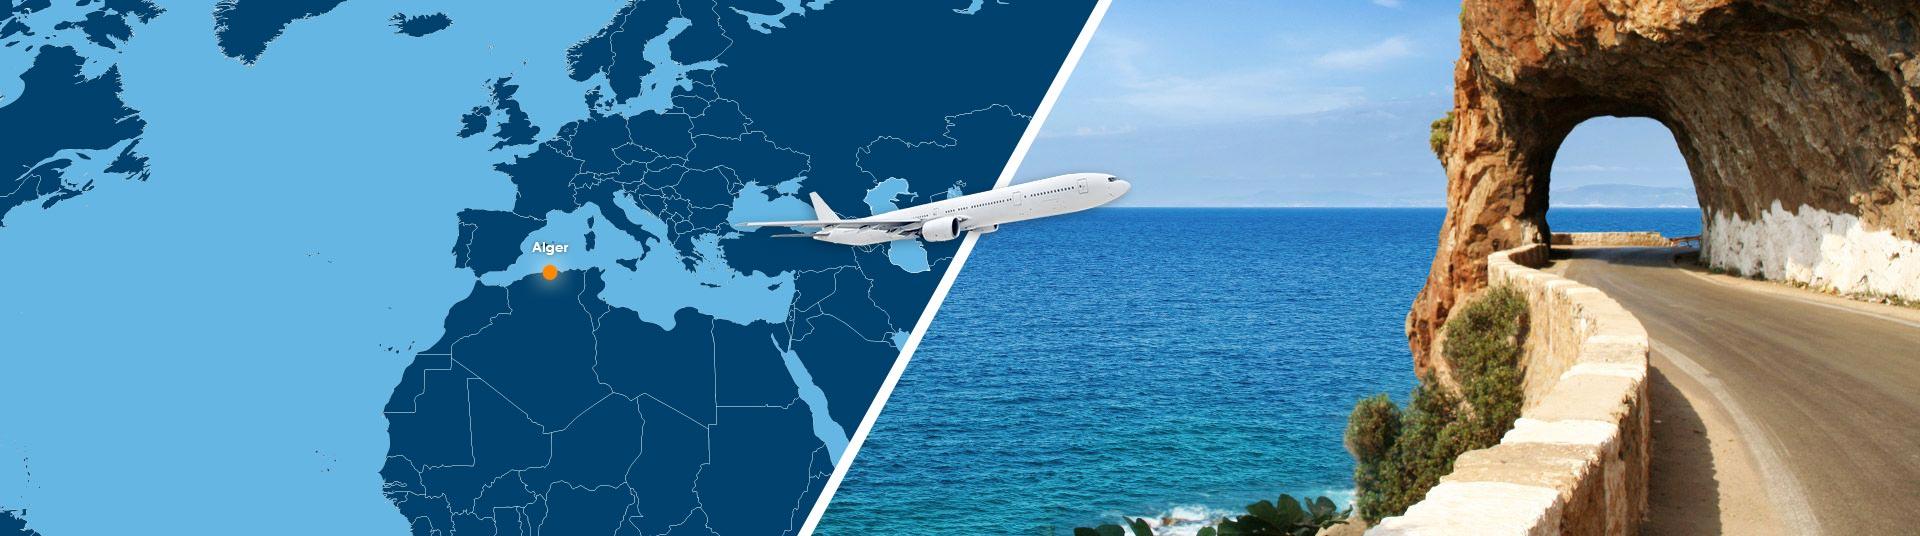 reservation billet pas cher air algerie